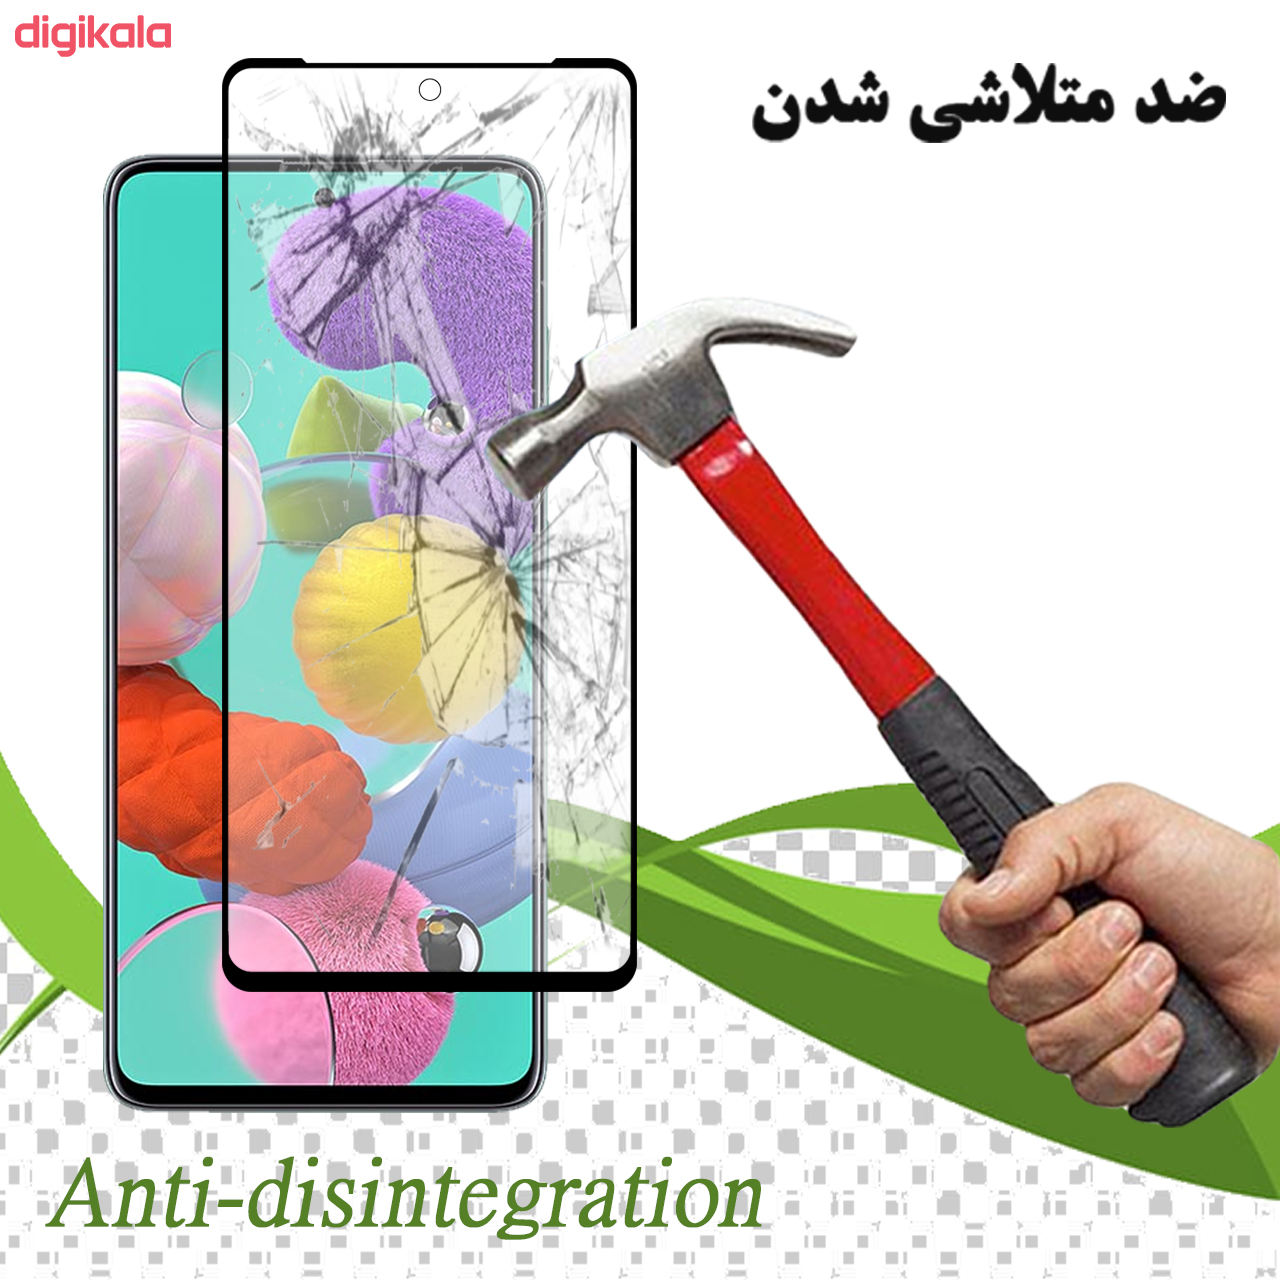 محافظ صفحه نمایش سرامیکی تراستکتور مدل CMT مناسب برای گوشی موبایل سامسونگ Galaxy A51 main 1 4